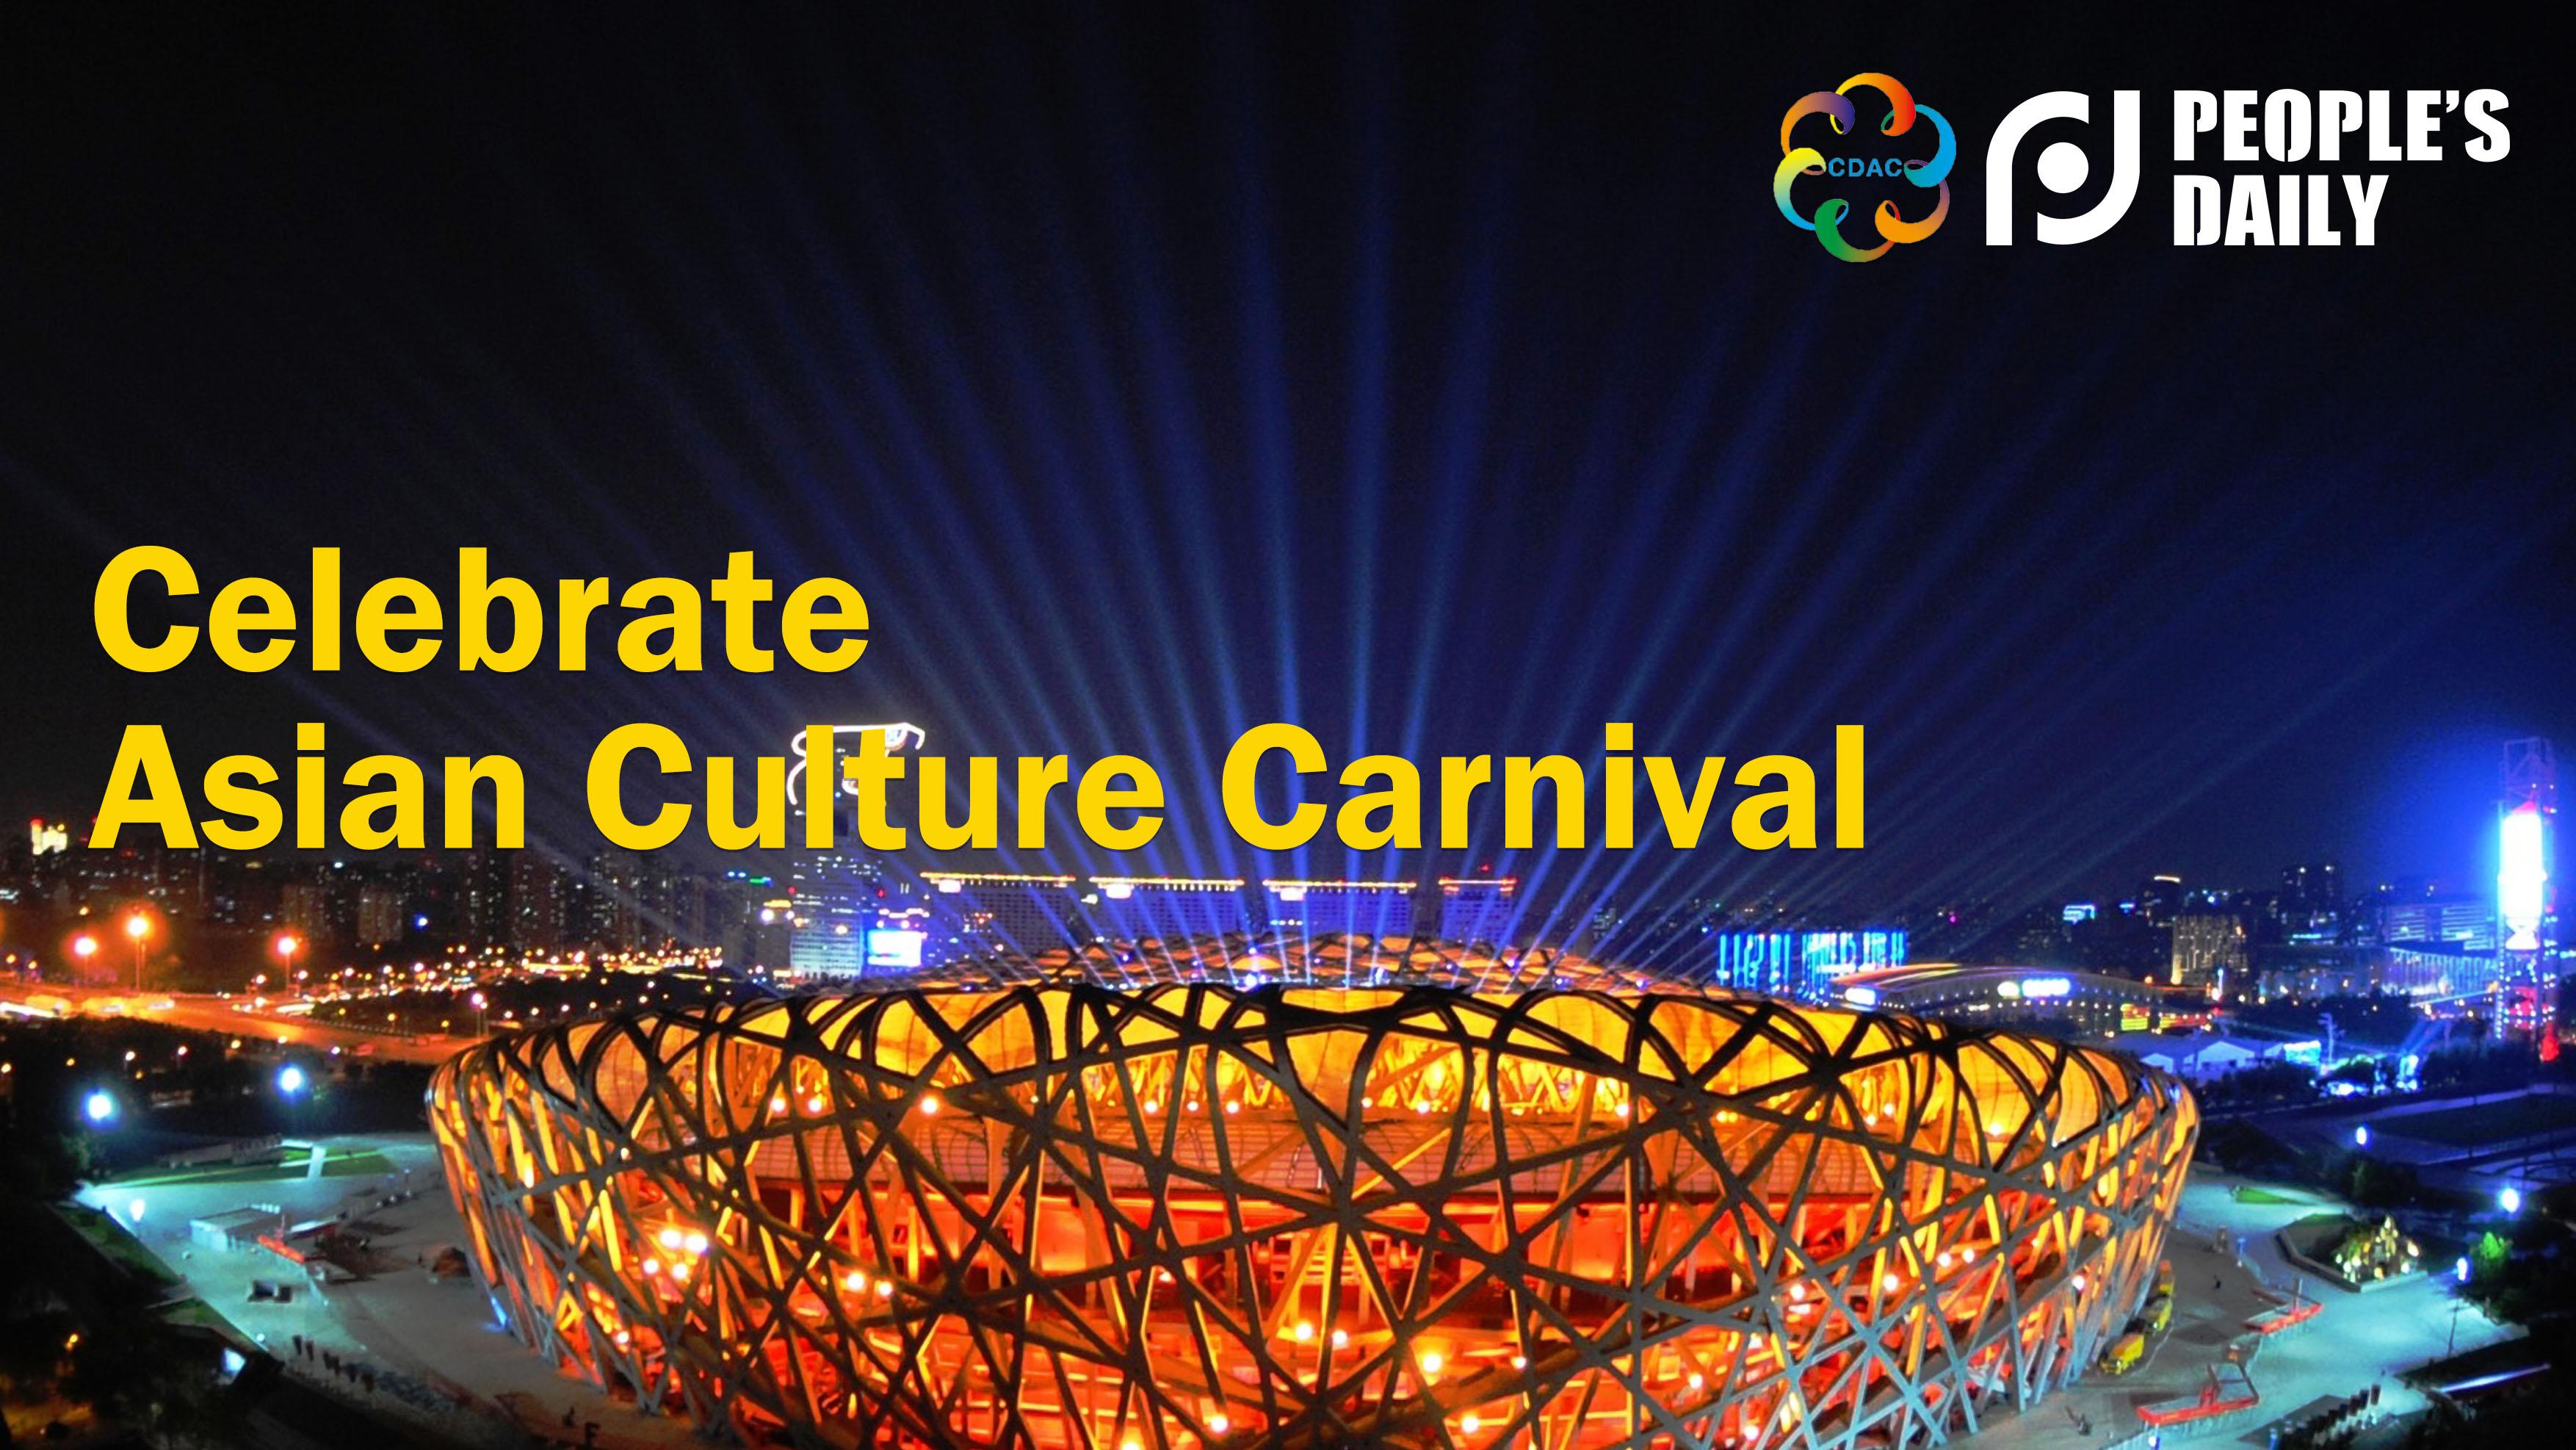 Celebrate Asian Culture Carnival